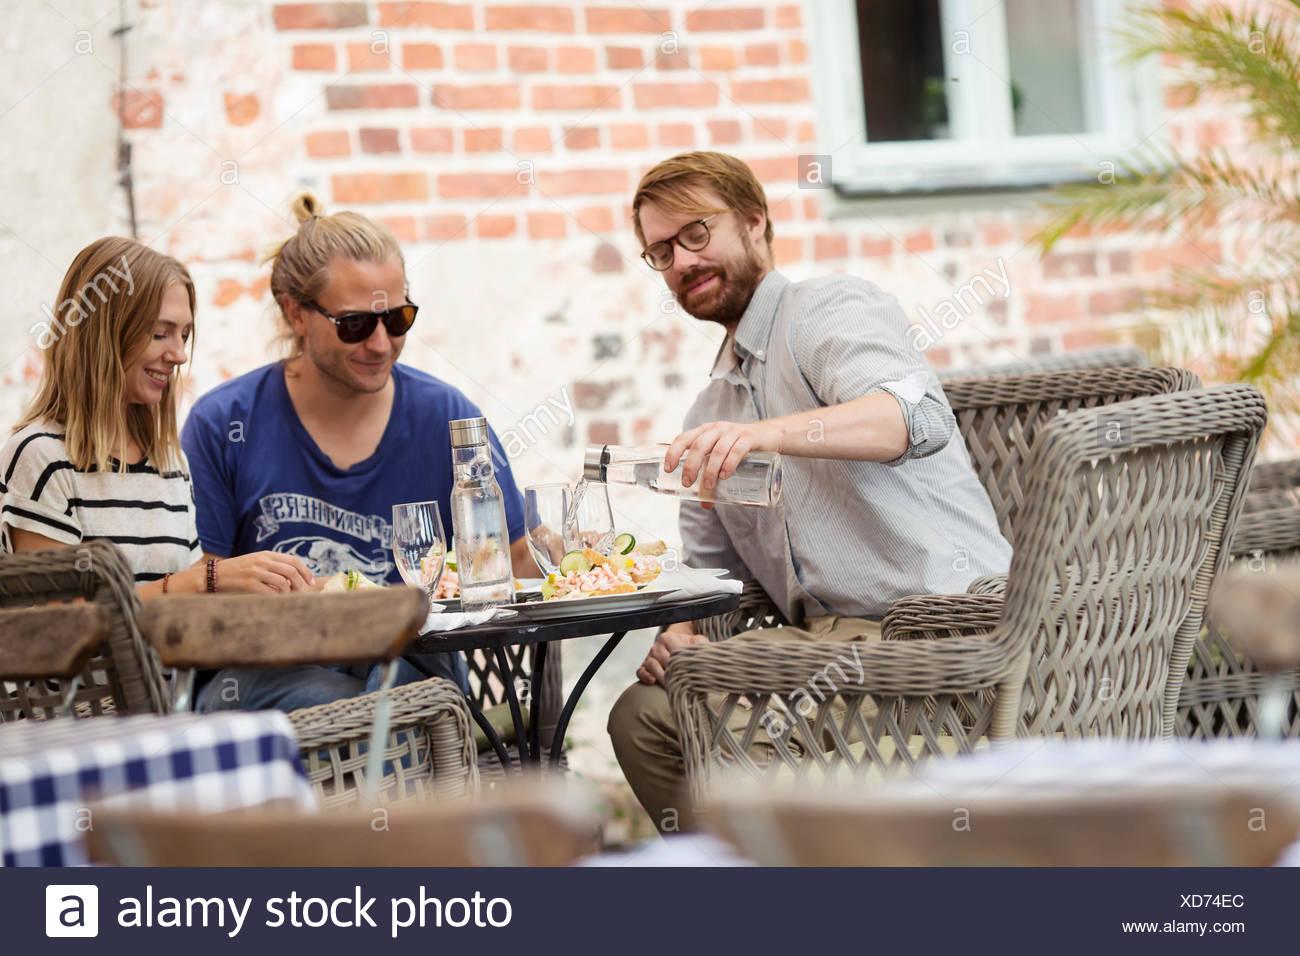 Suecia, Skane, tres personas en el cafe almorzar Imagen De Stock